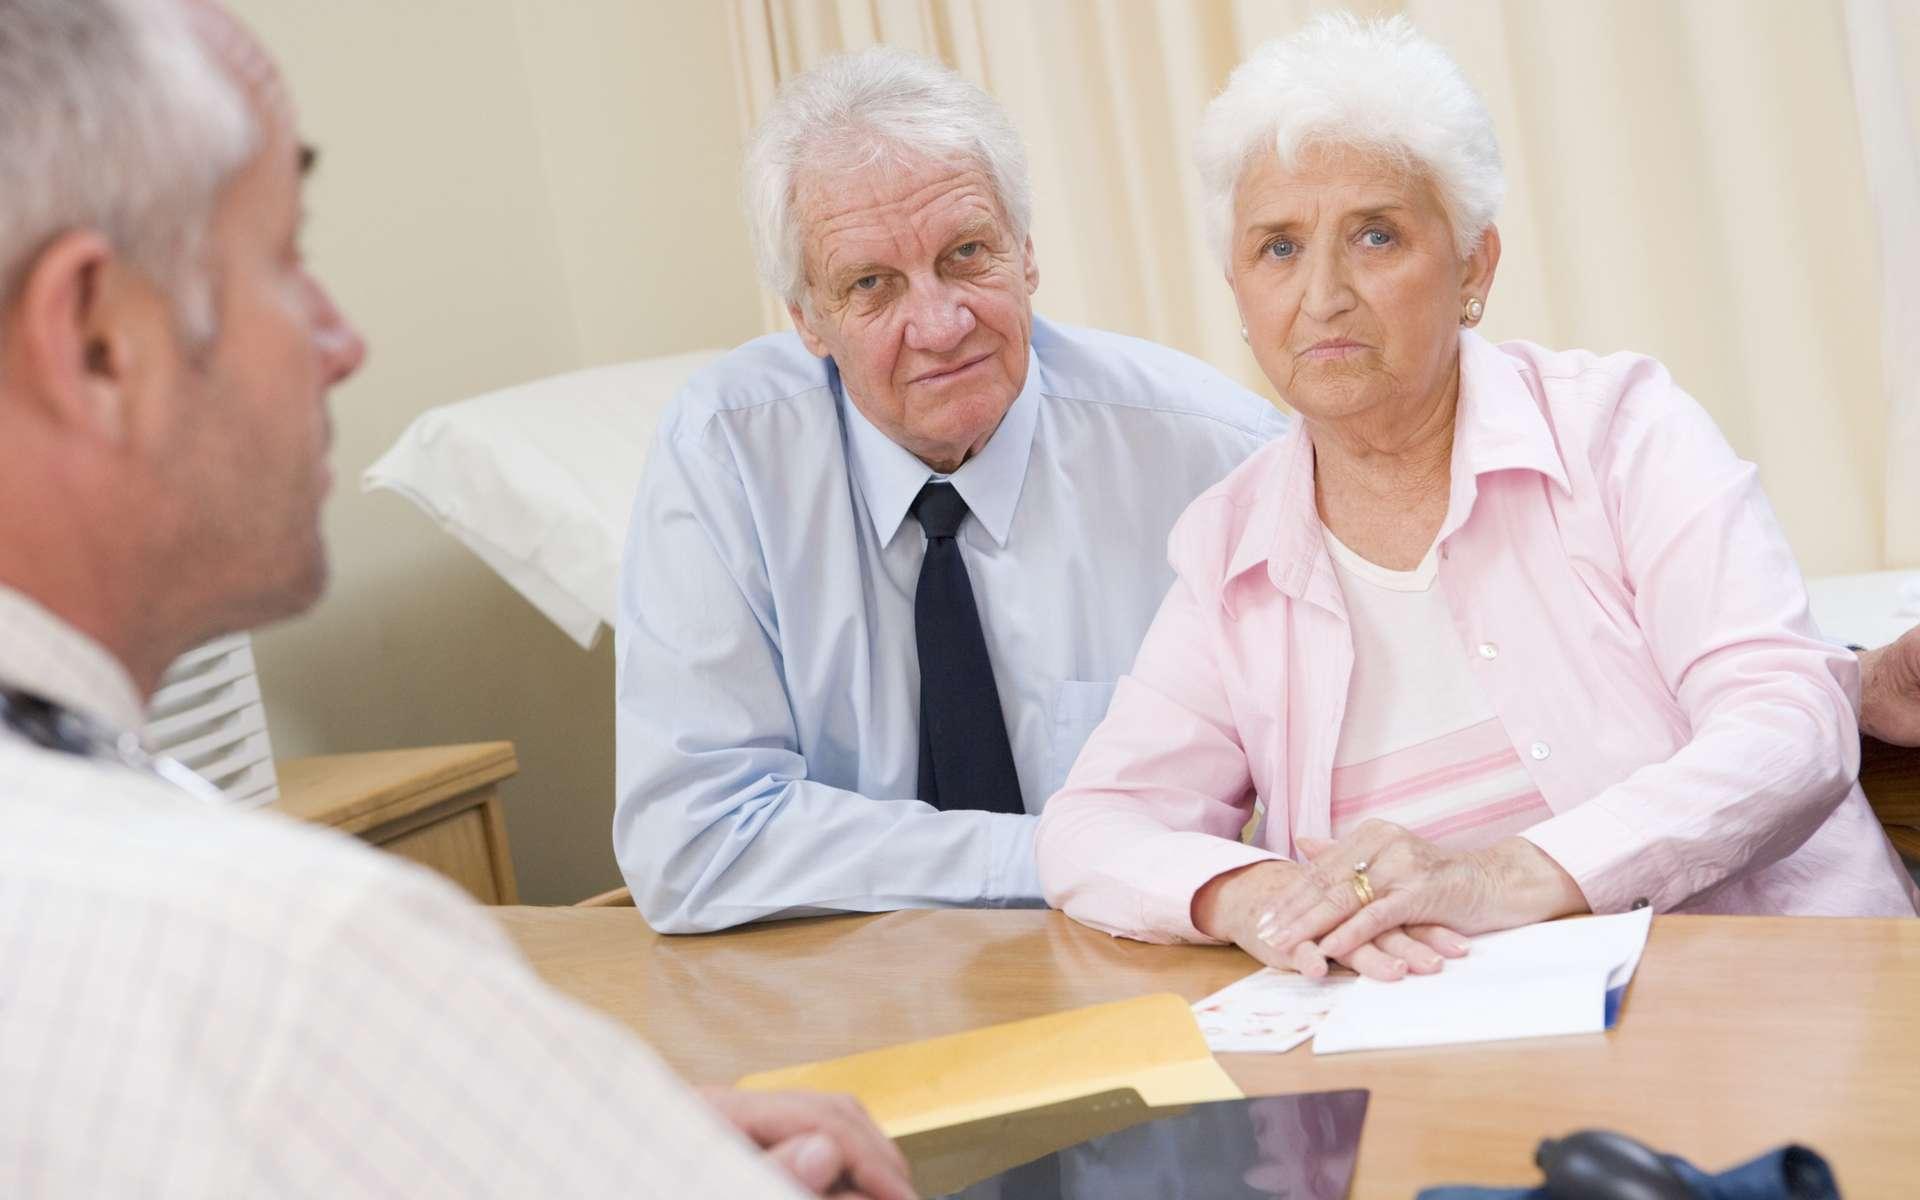 Il existe cinq catégories de médicaments contre la maladie de Parkinson. © Phovoir